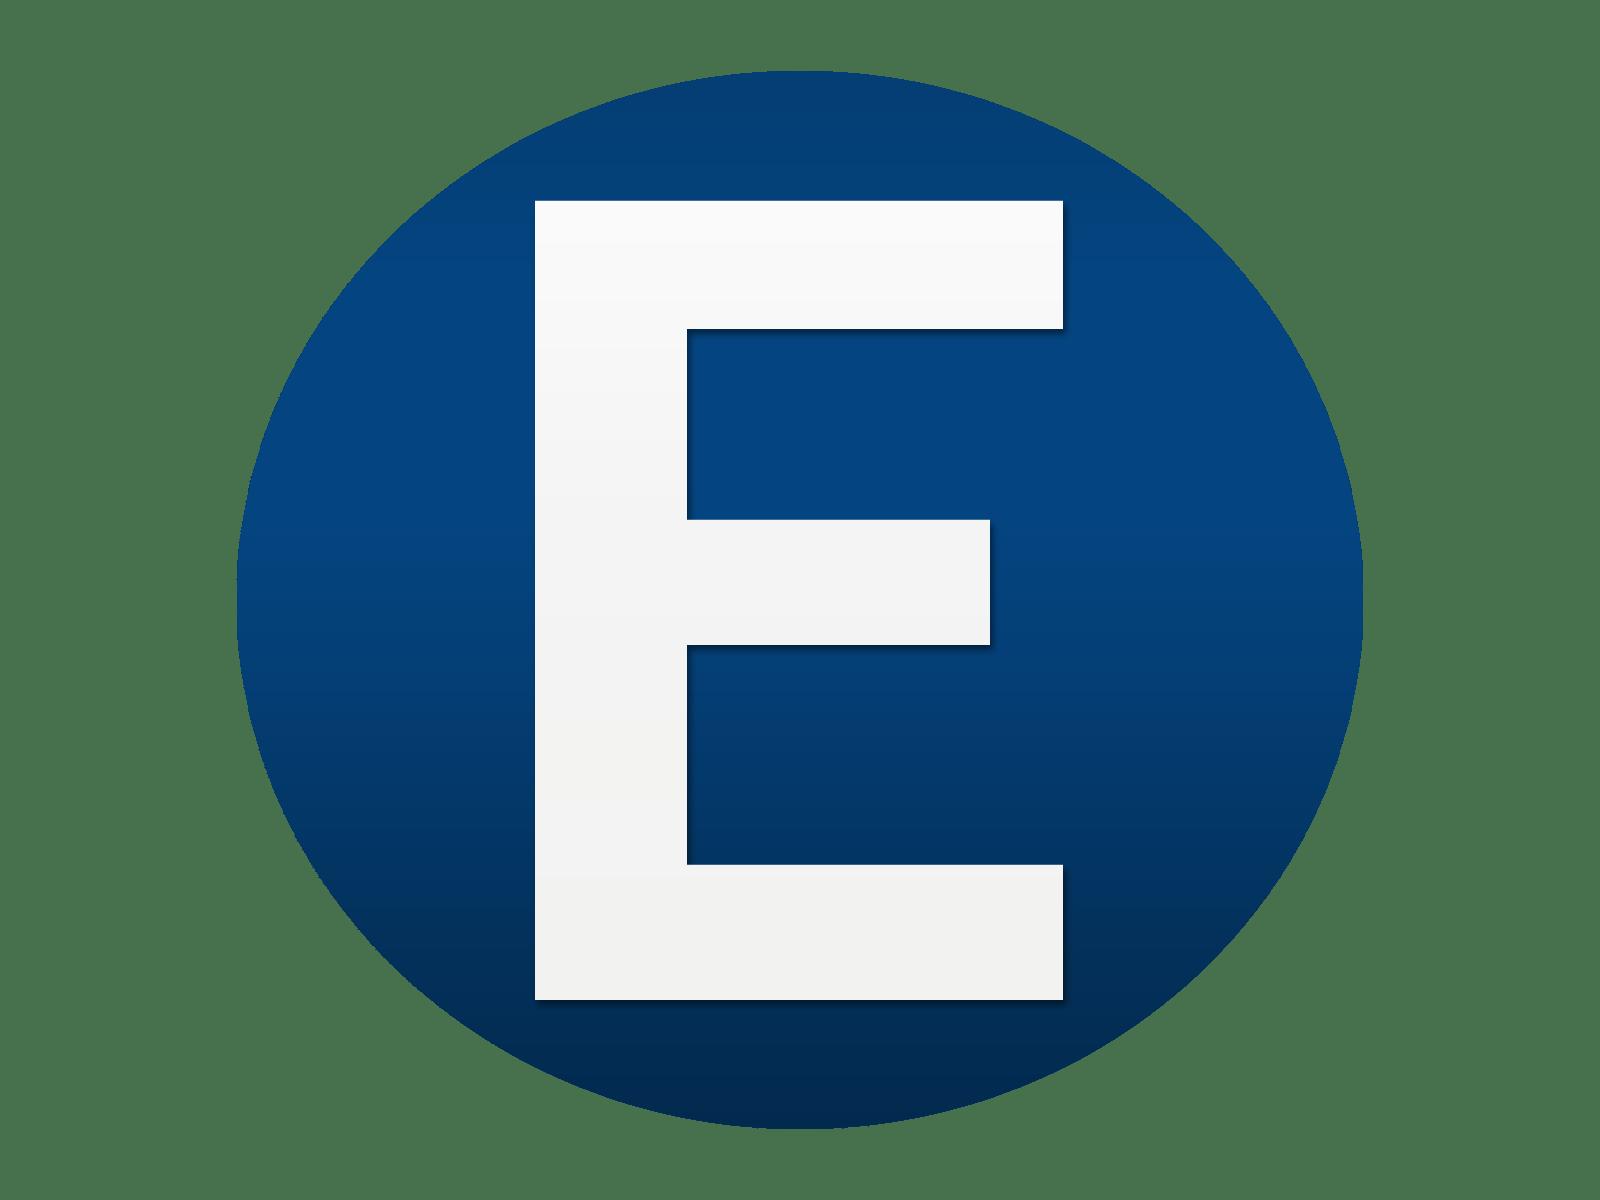 Ecom business